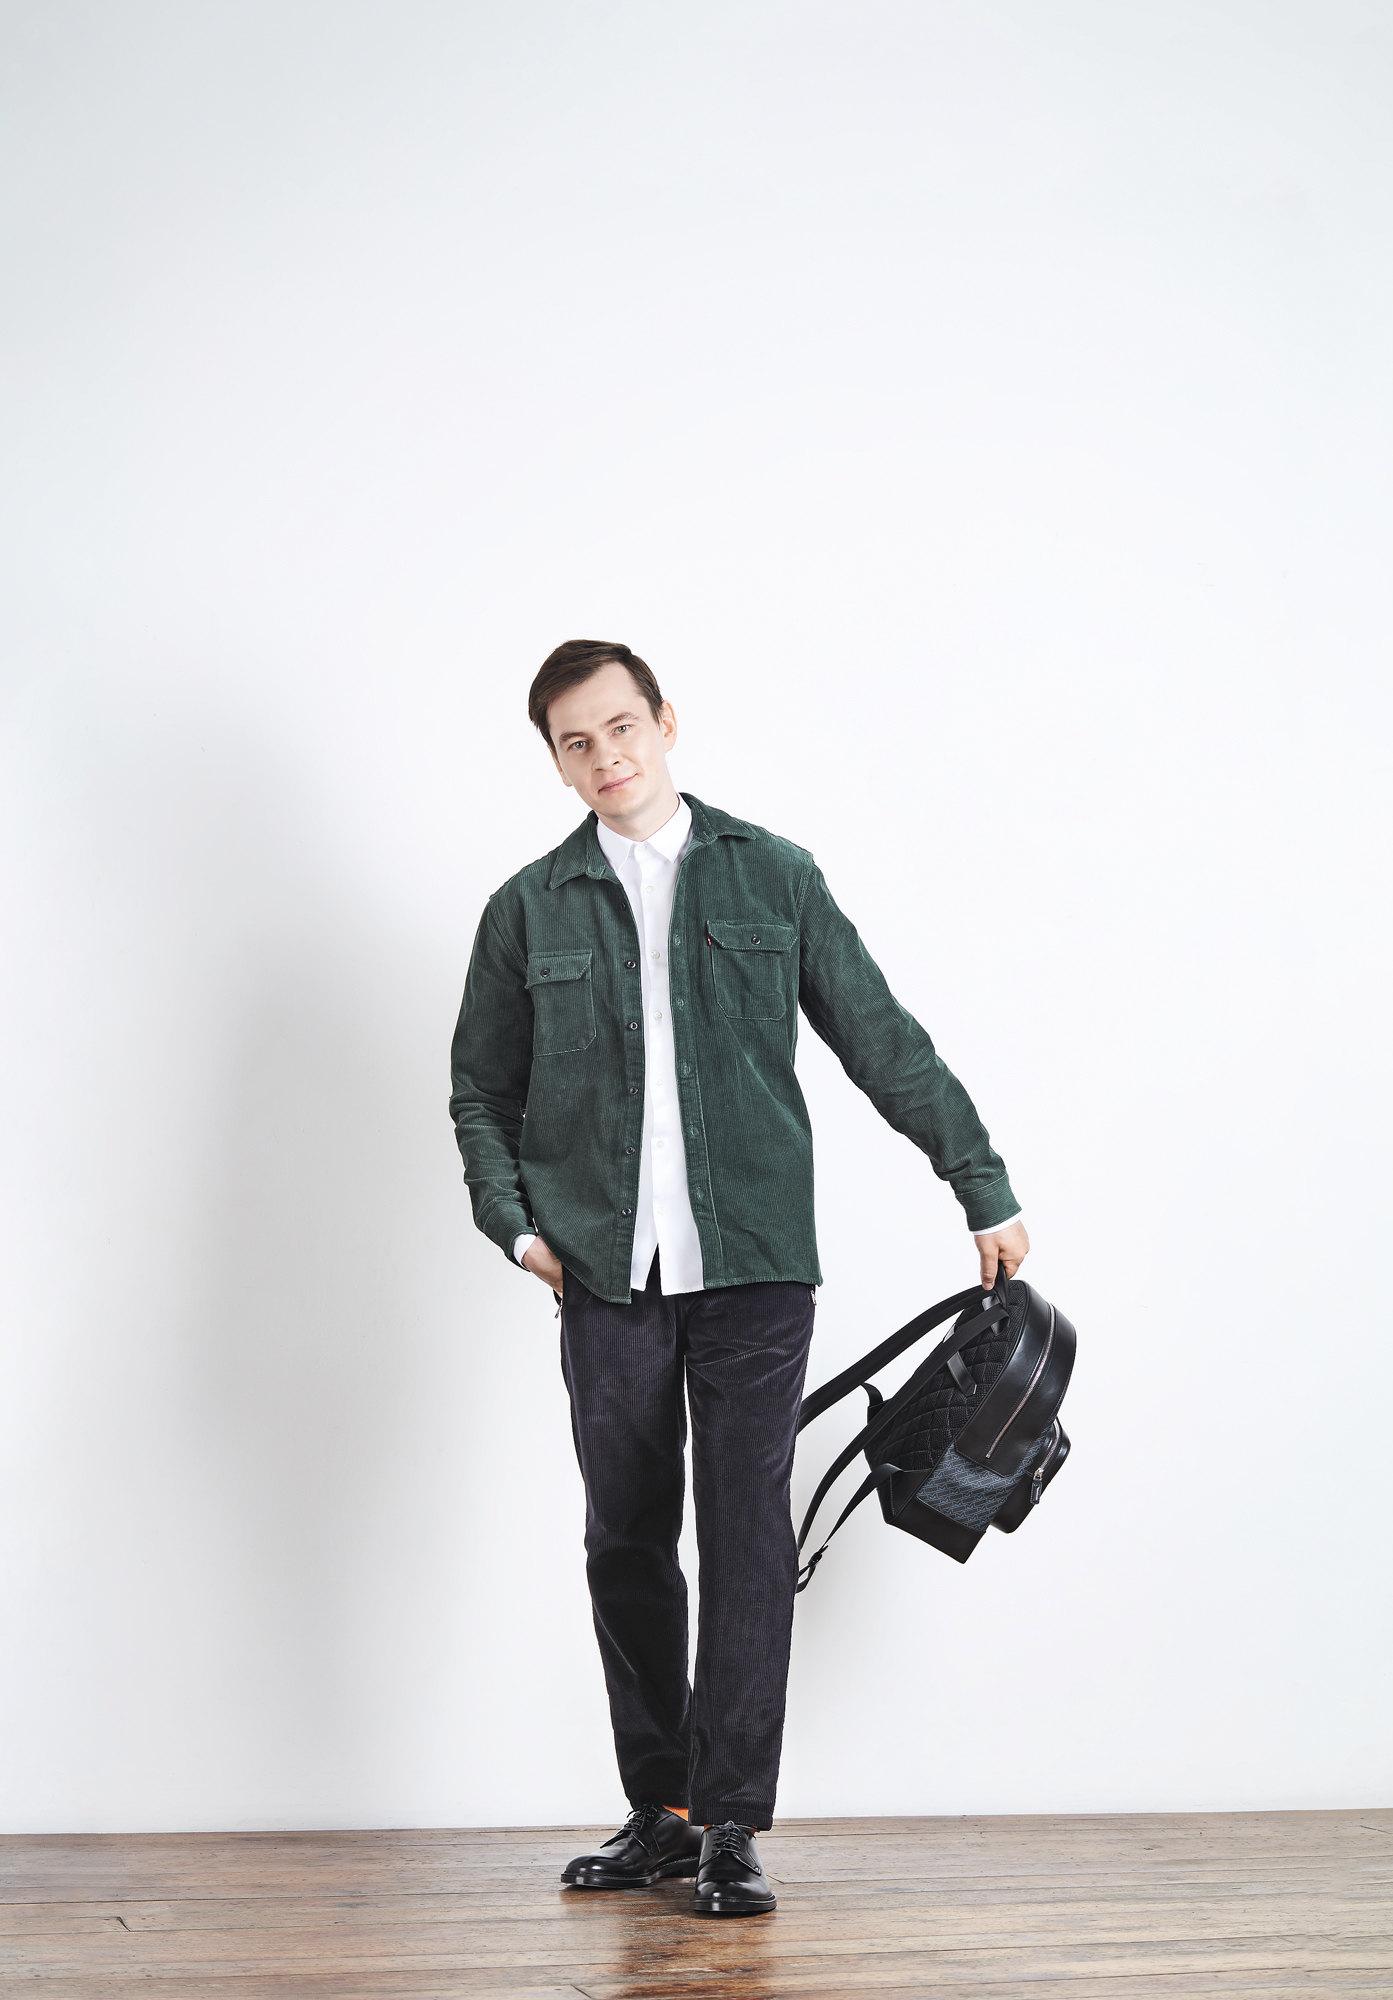 Рубашка Levi's Рубашка Emporio ArmaniБрюки Dolce & GabbanaРюкзак MontblancНоски FalkeДерби Boggi Milano